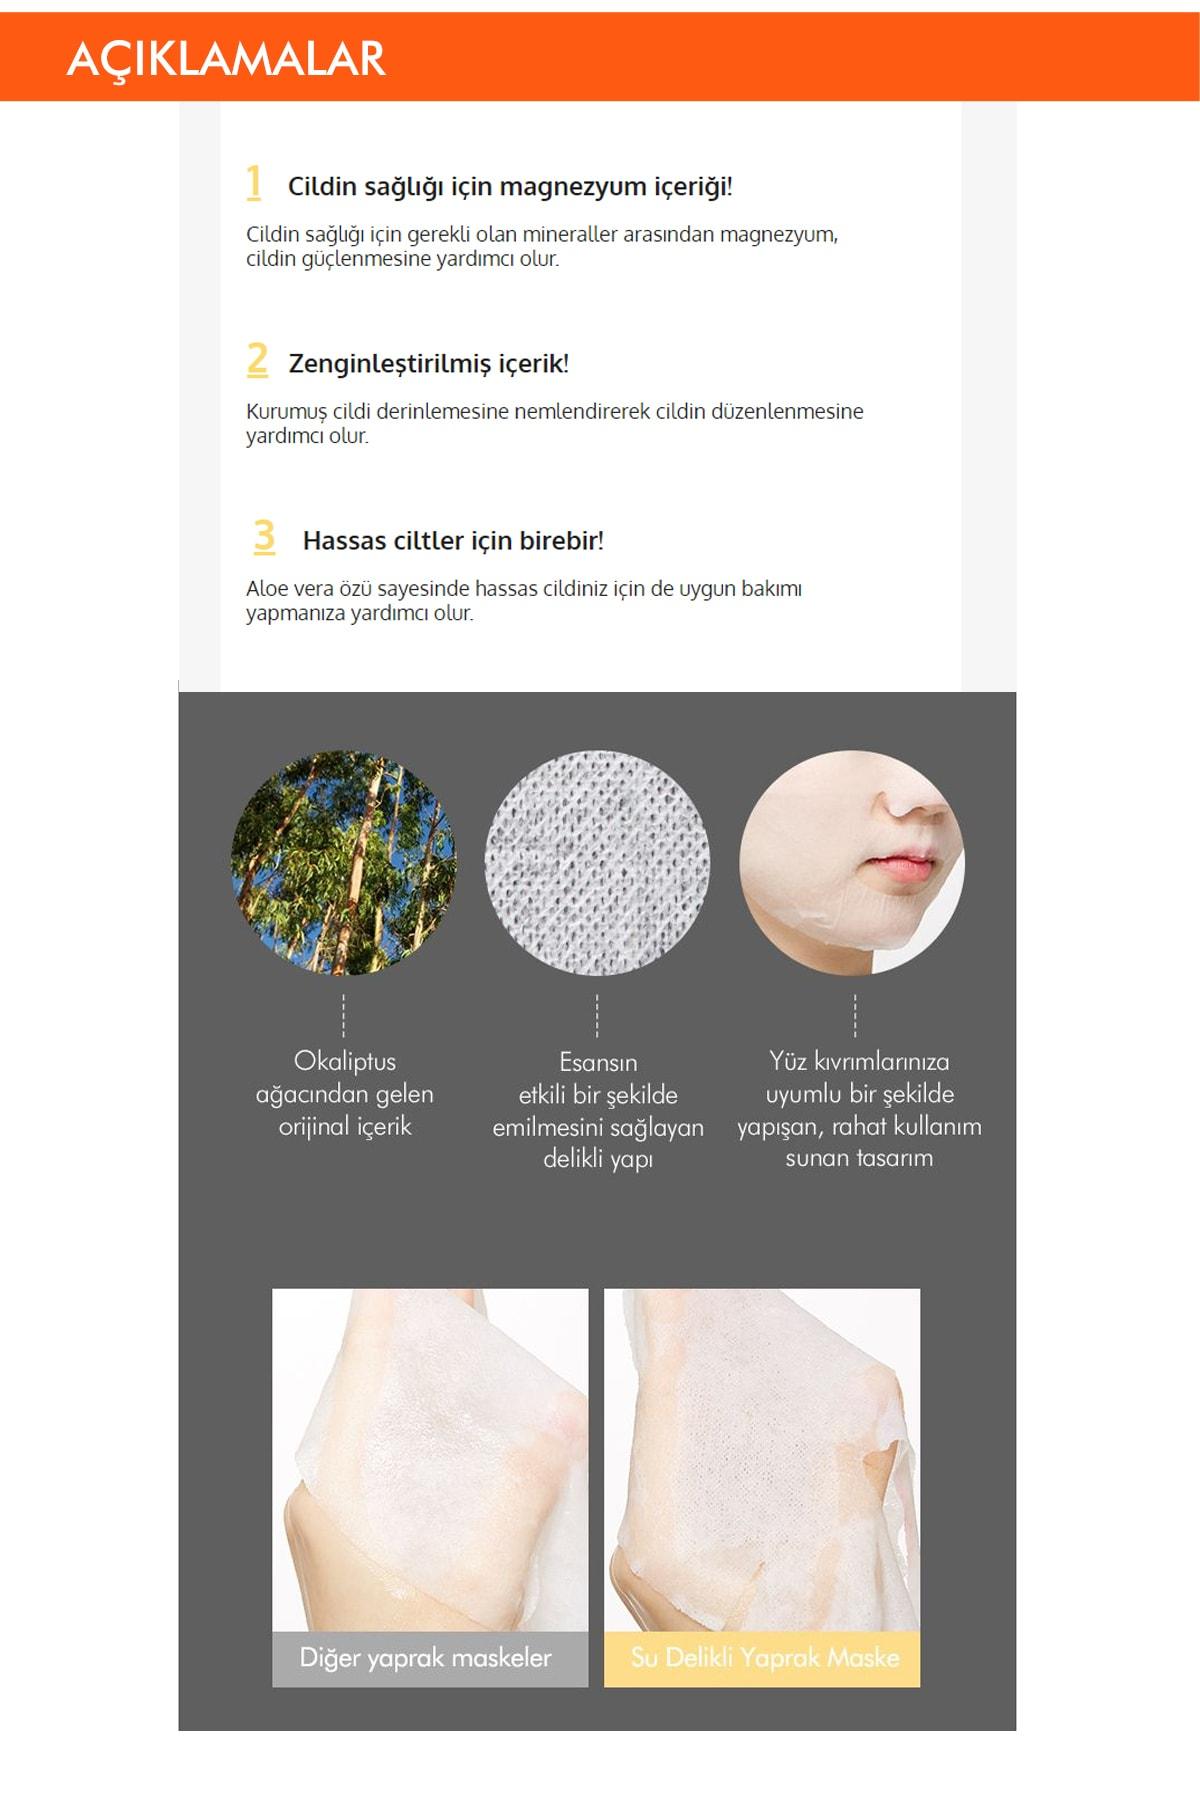 Missha Hassas Ciltler İçin Besleyici Magnezyum Özel Bakım Maske Cicative Magnesium Sheet Mask 1